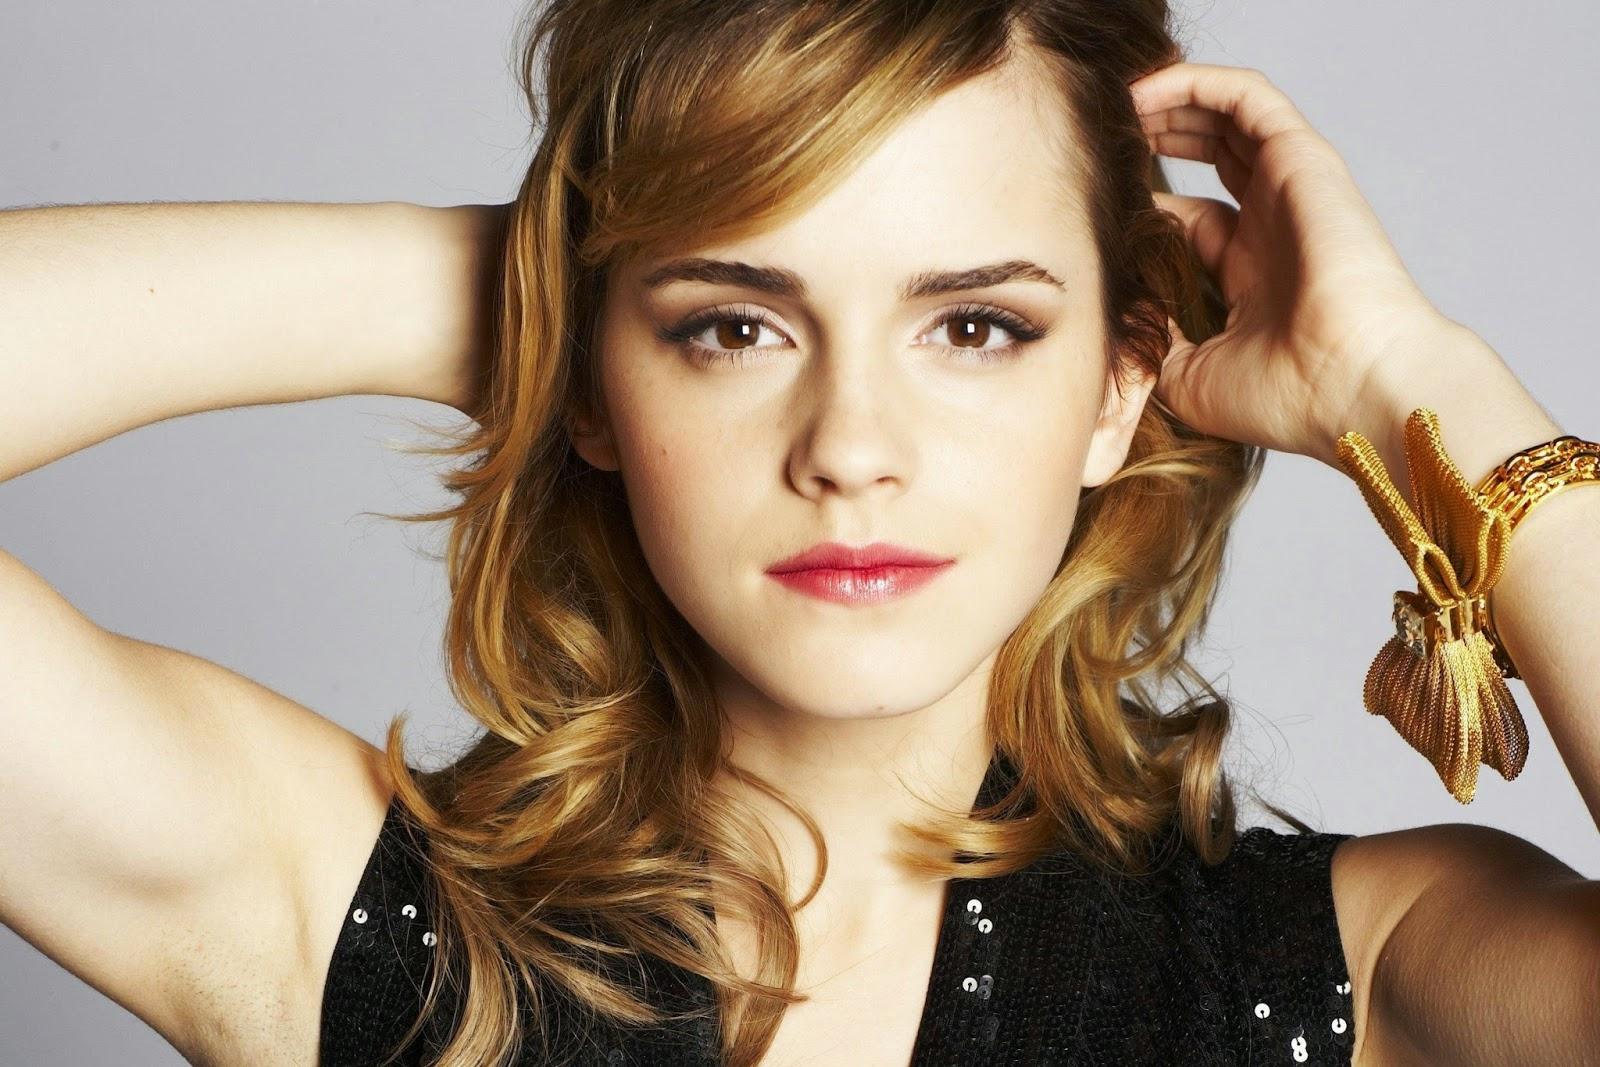 Discurso de Emma Watson ante la ONU: Campaña HeForShe